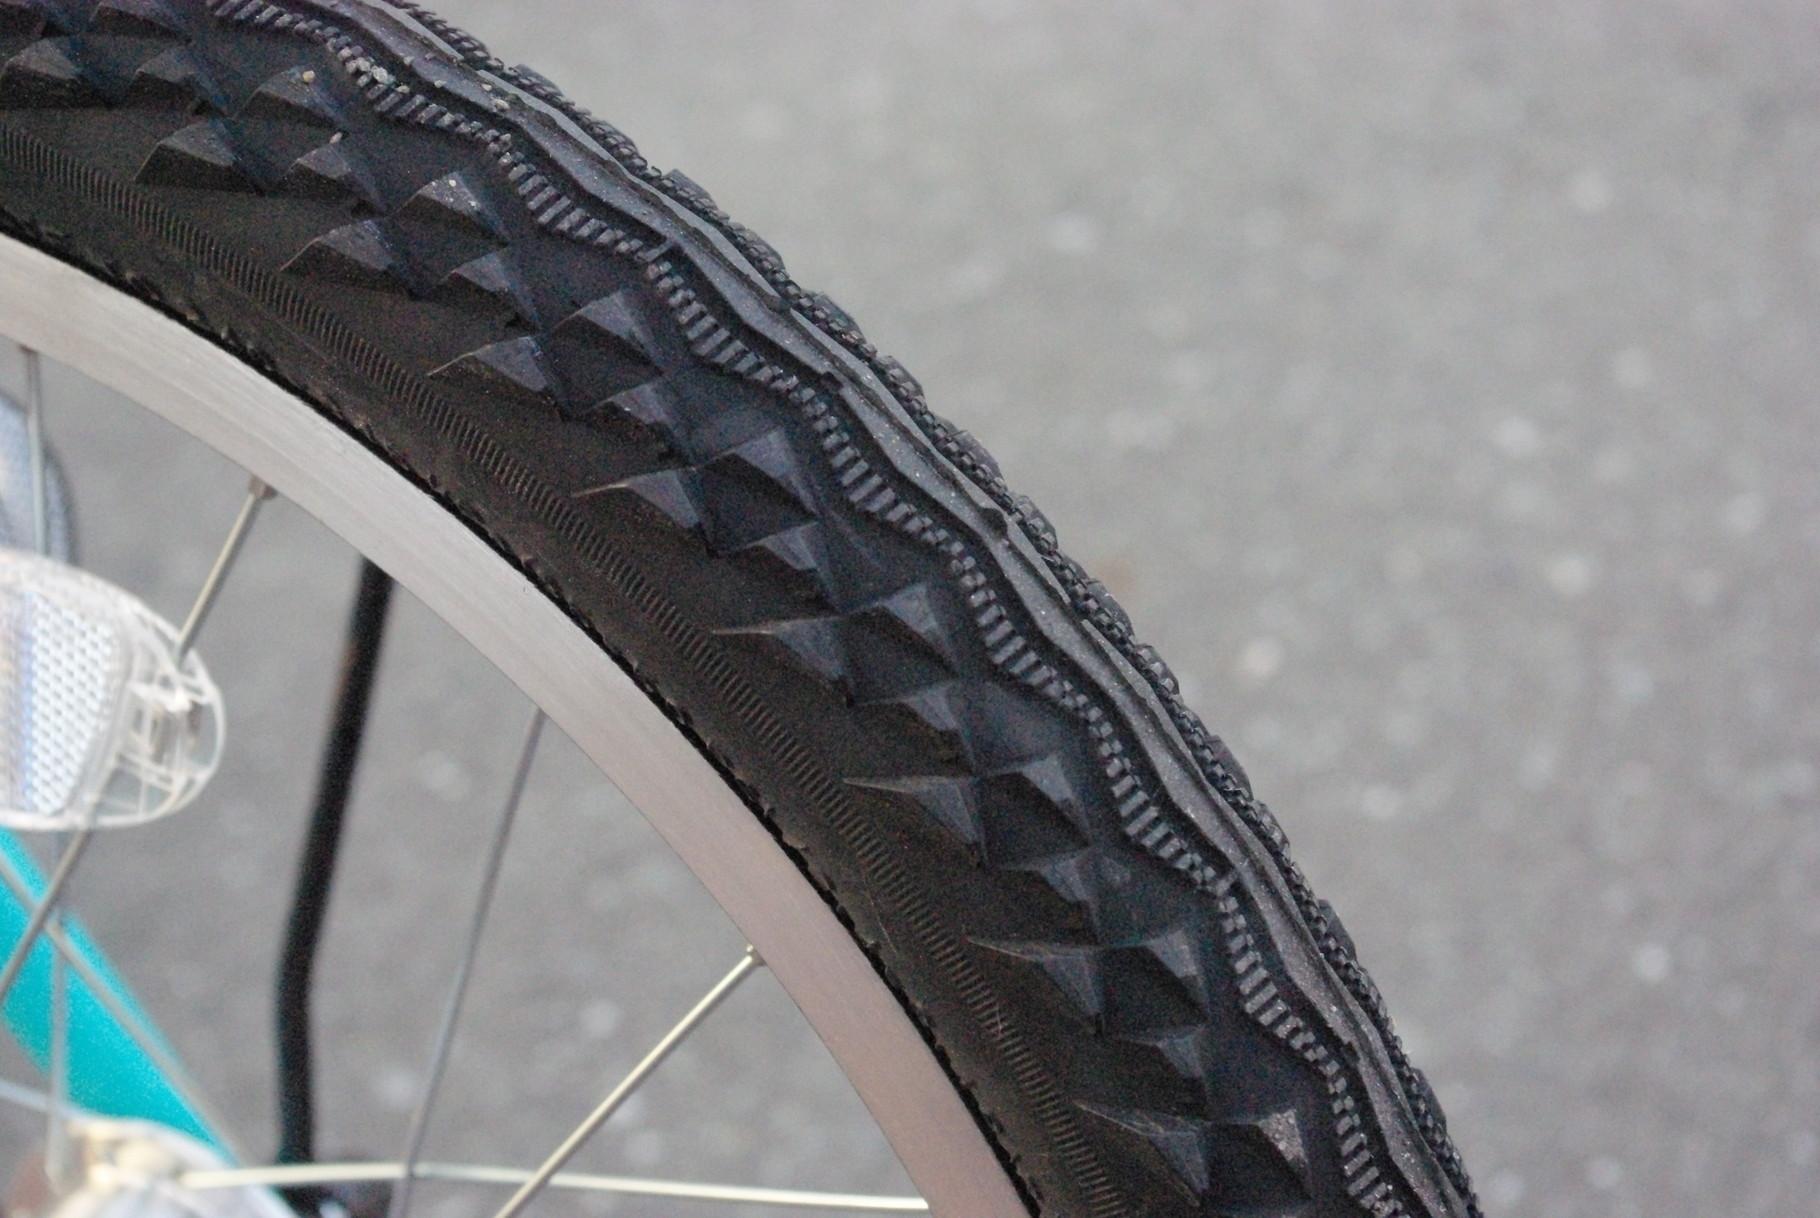 マウンテンバイクのようなごっつ目タイヤ。エアボリュームがあり、クッション性抜群。少々の悪路も楽しい?